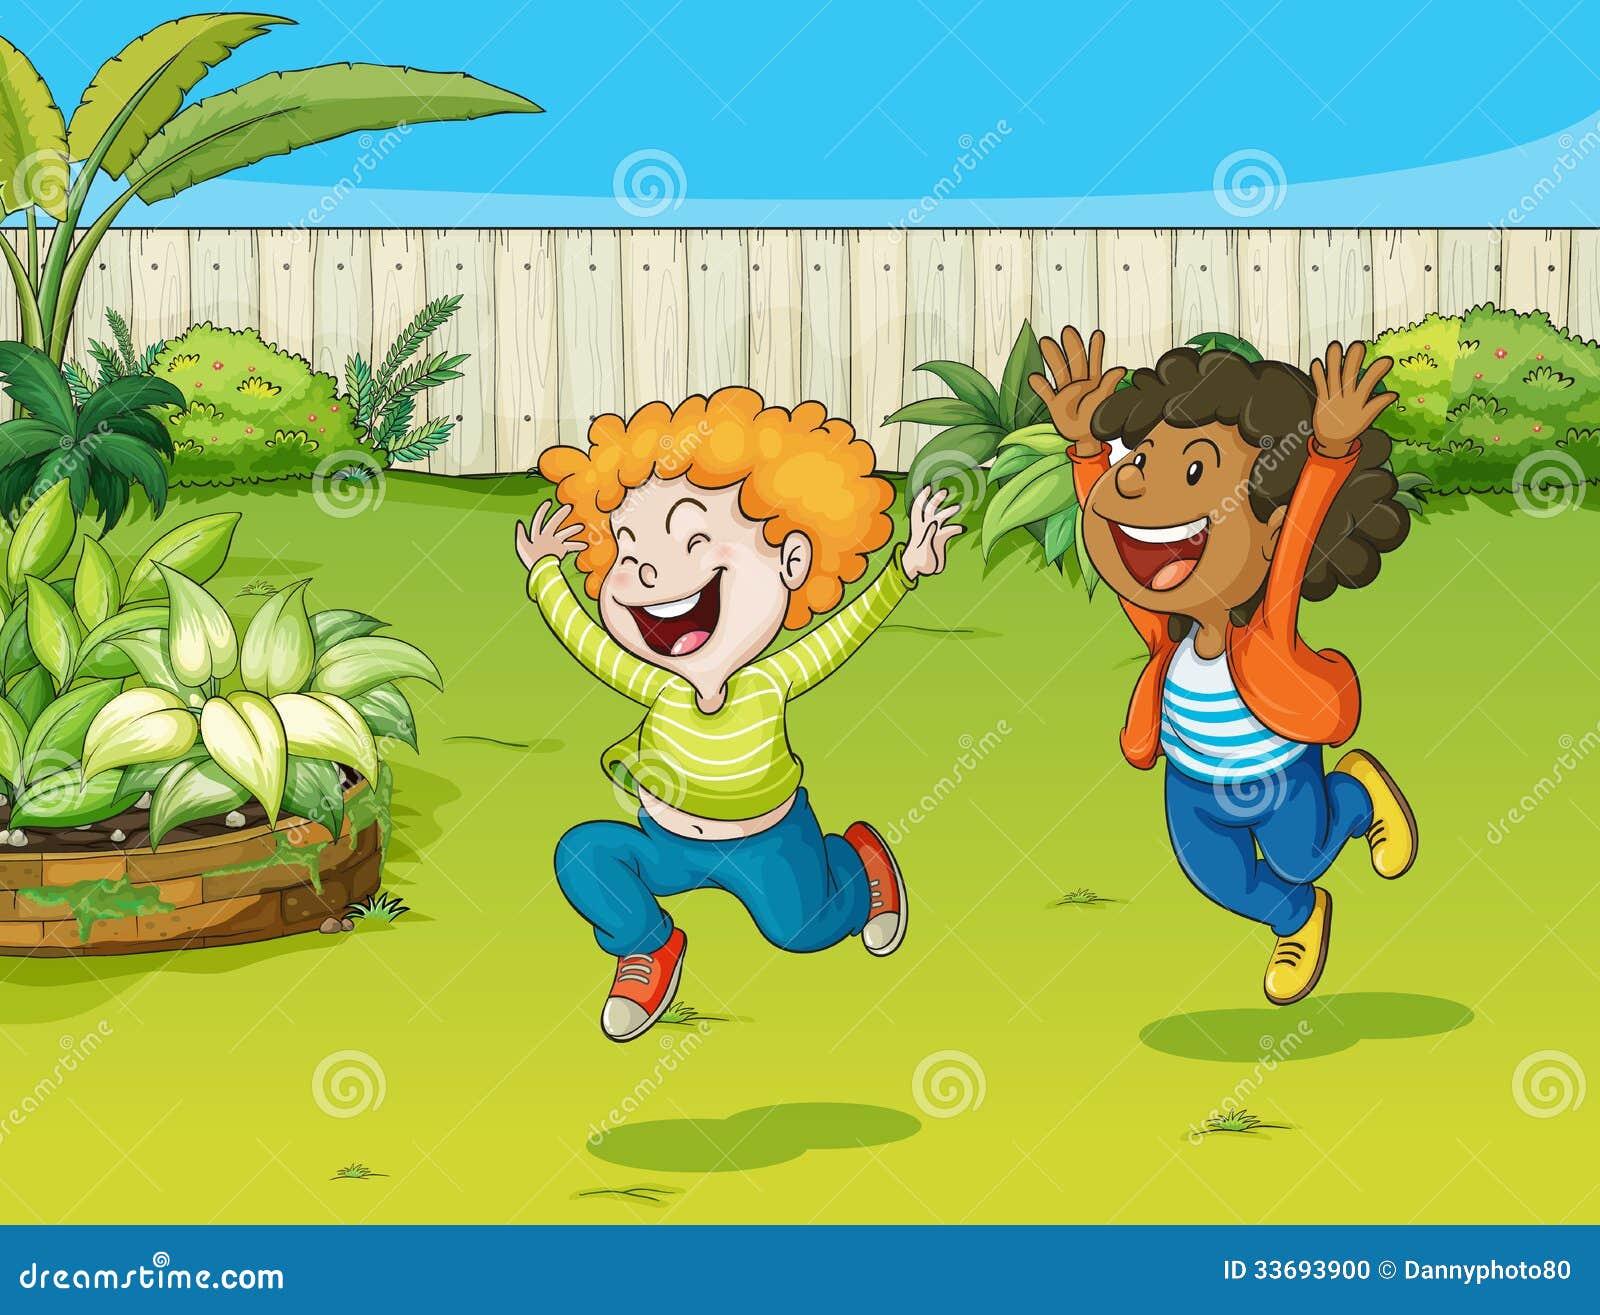 Jouer des enfants dans un jardin illustration de vecteur for Dans in jardin